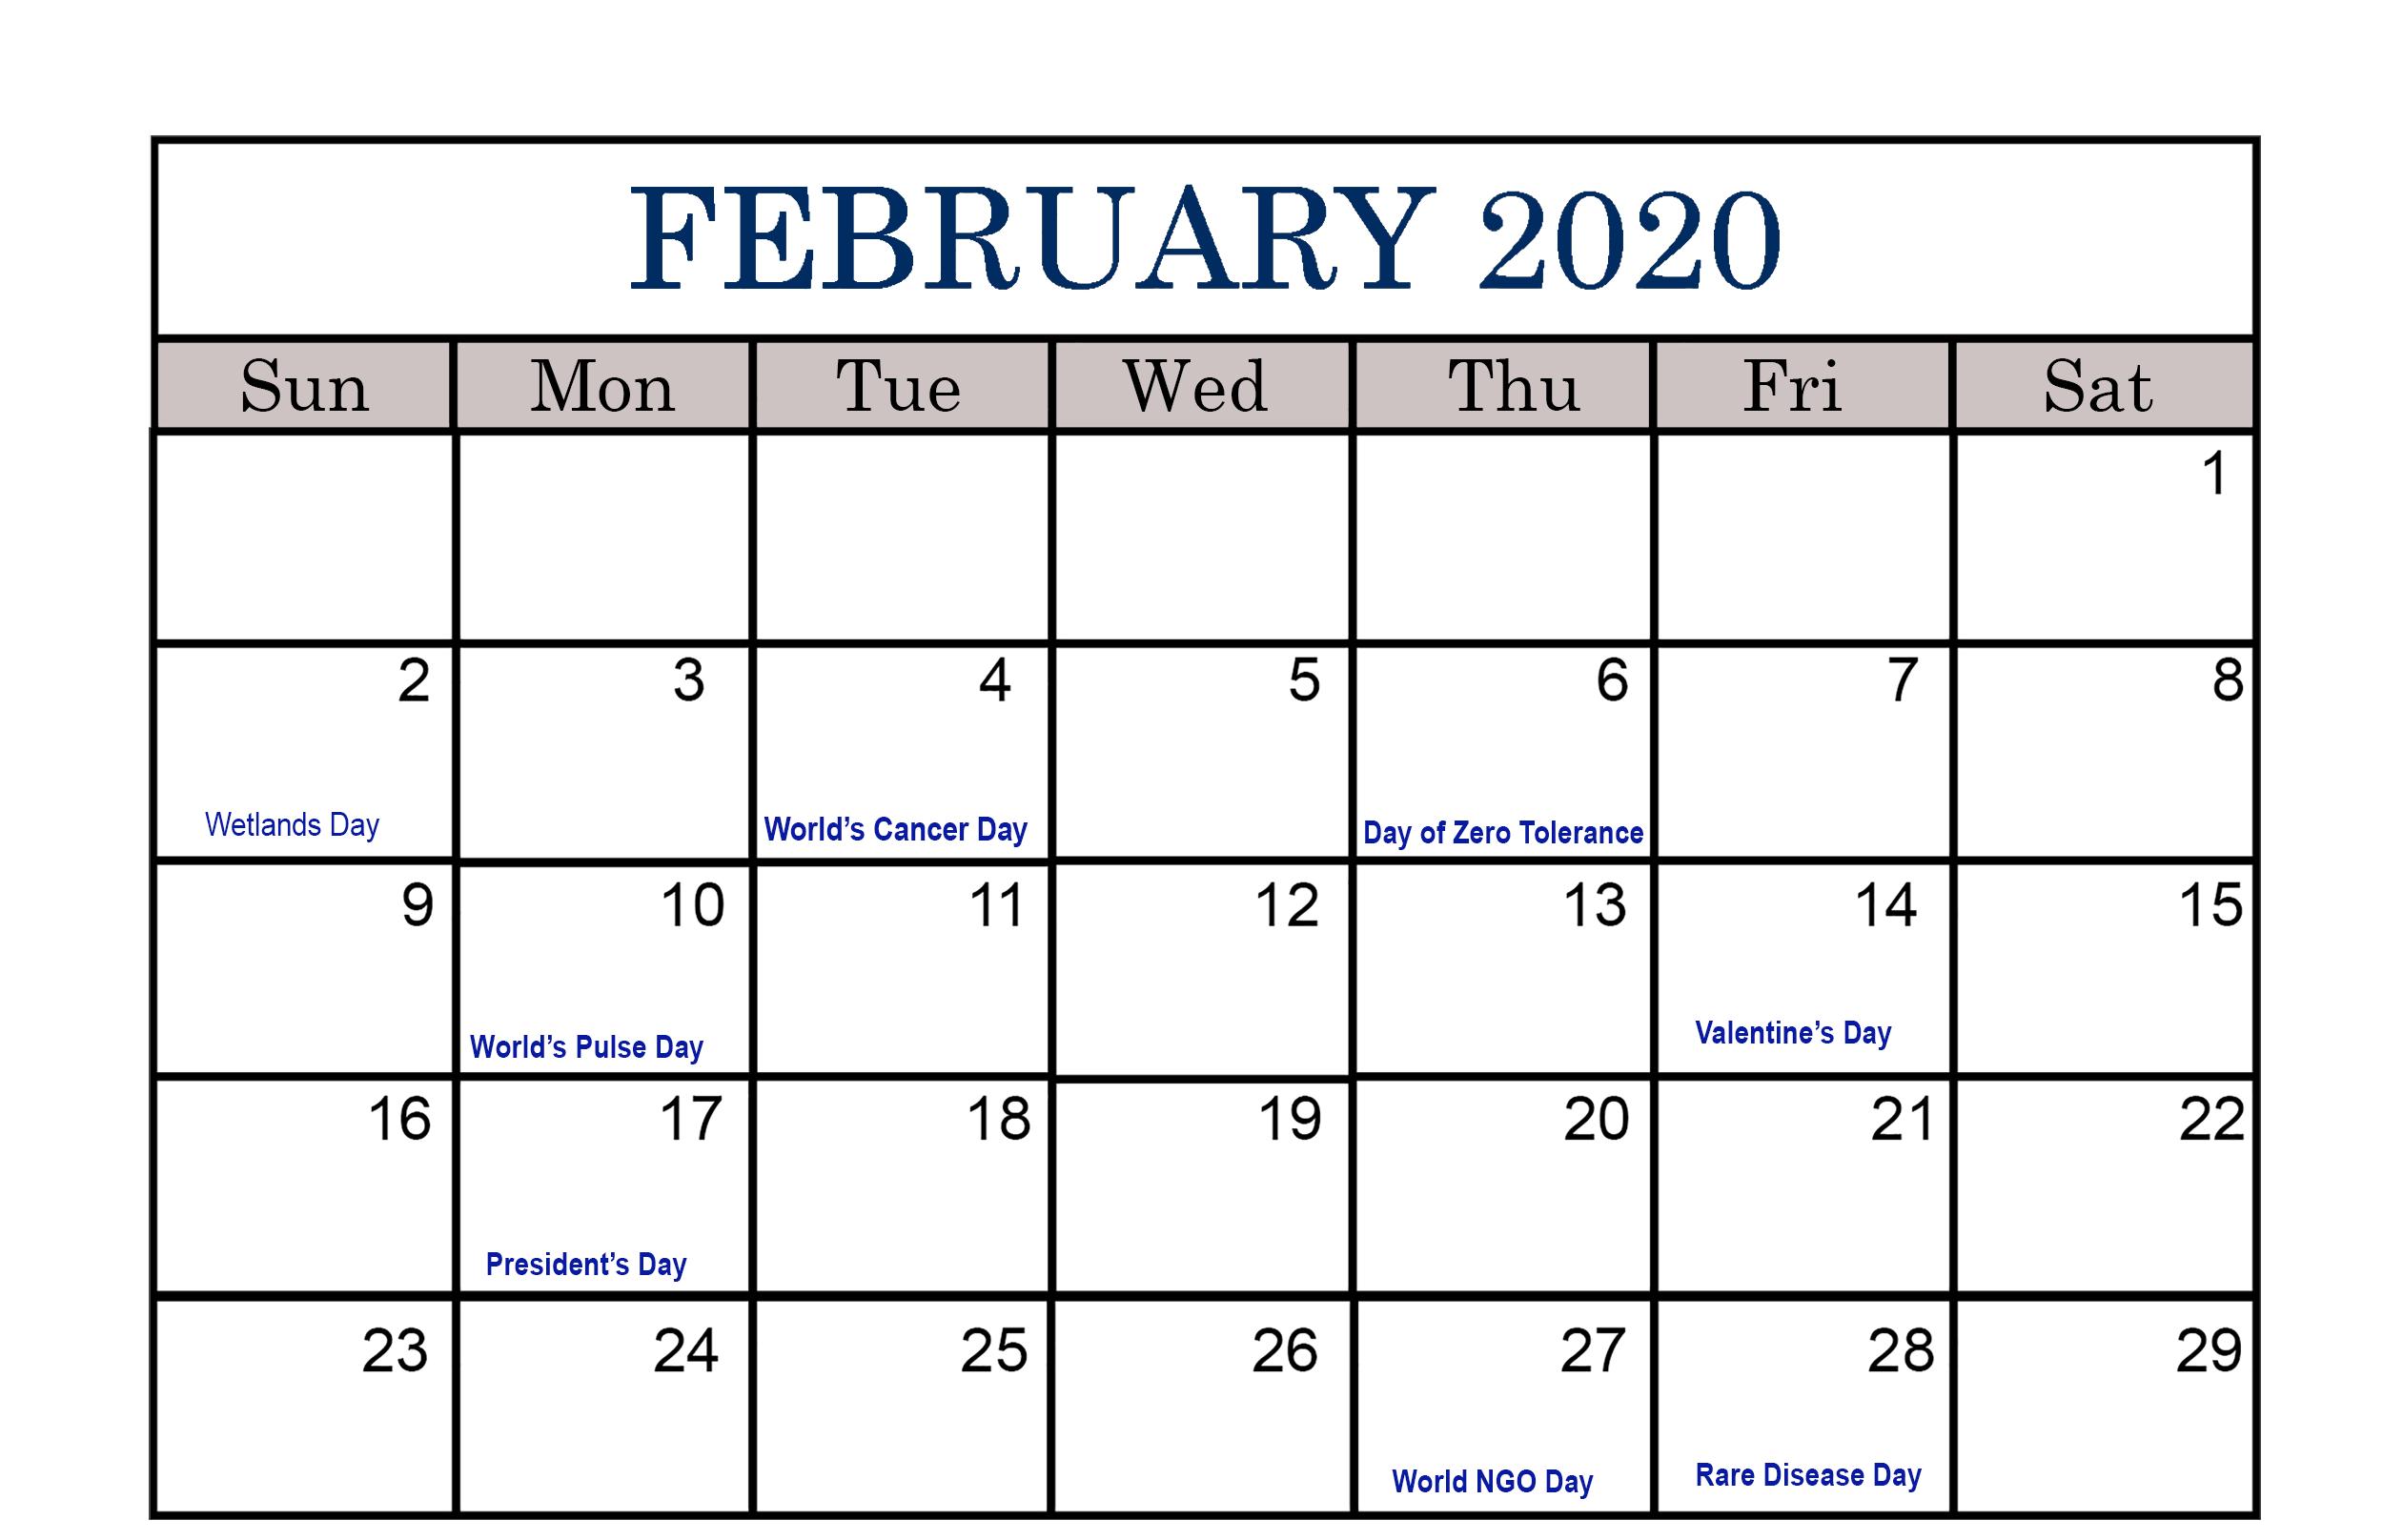 Holidays Calendar February 2020